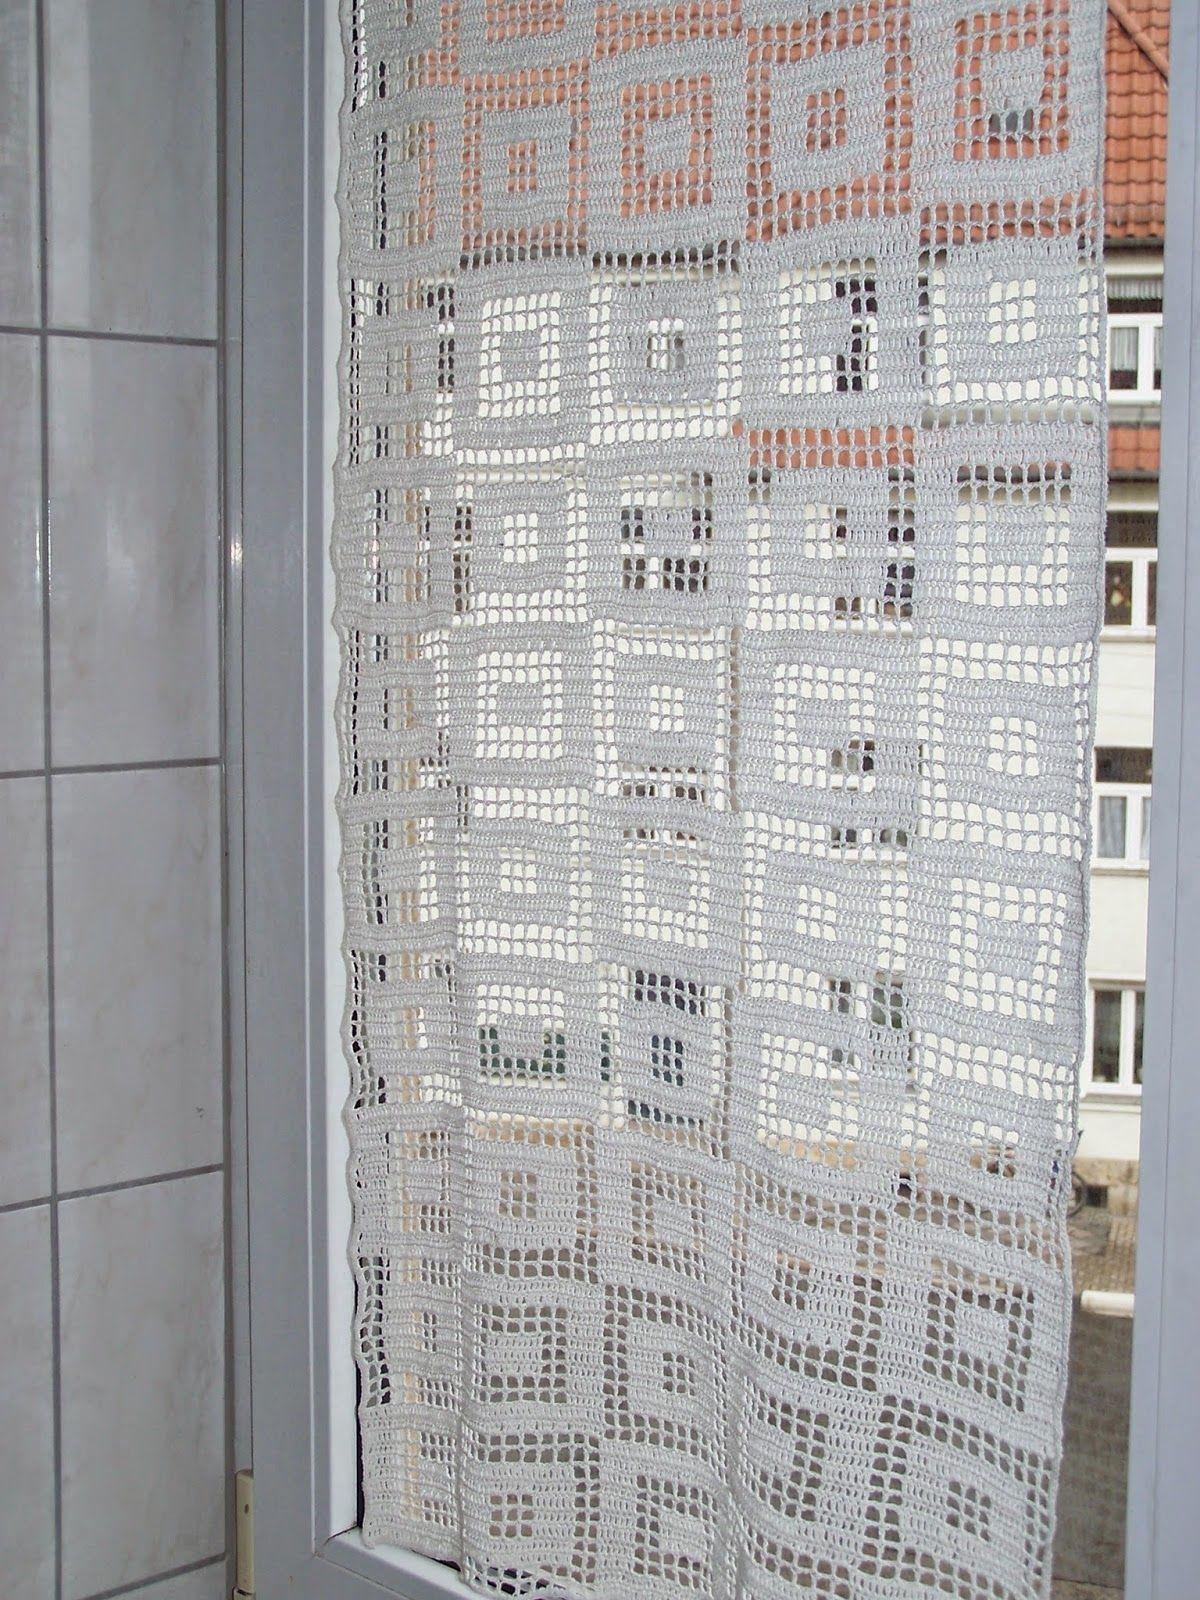 Full Size of Gardine Im Bad Gardinen Hkeln Küche Schlafzimmer Für Scheibengardinen Die Wohnzimmer Fenster Wohnzimmer Gardine Häkeln